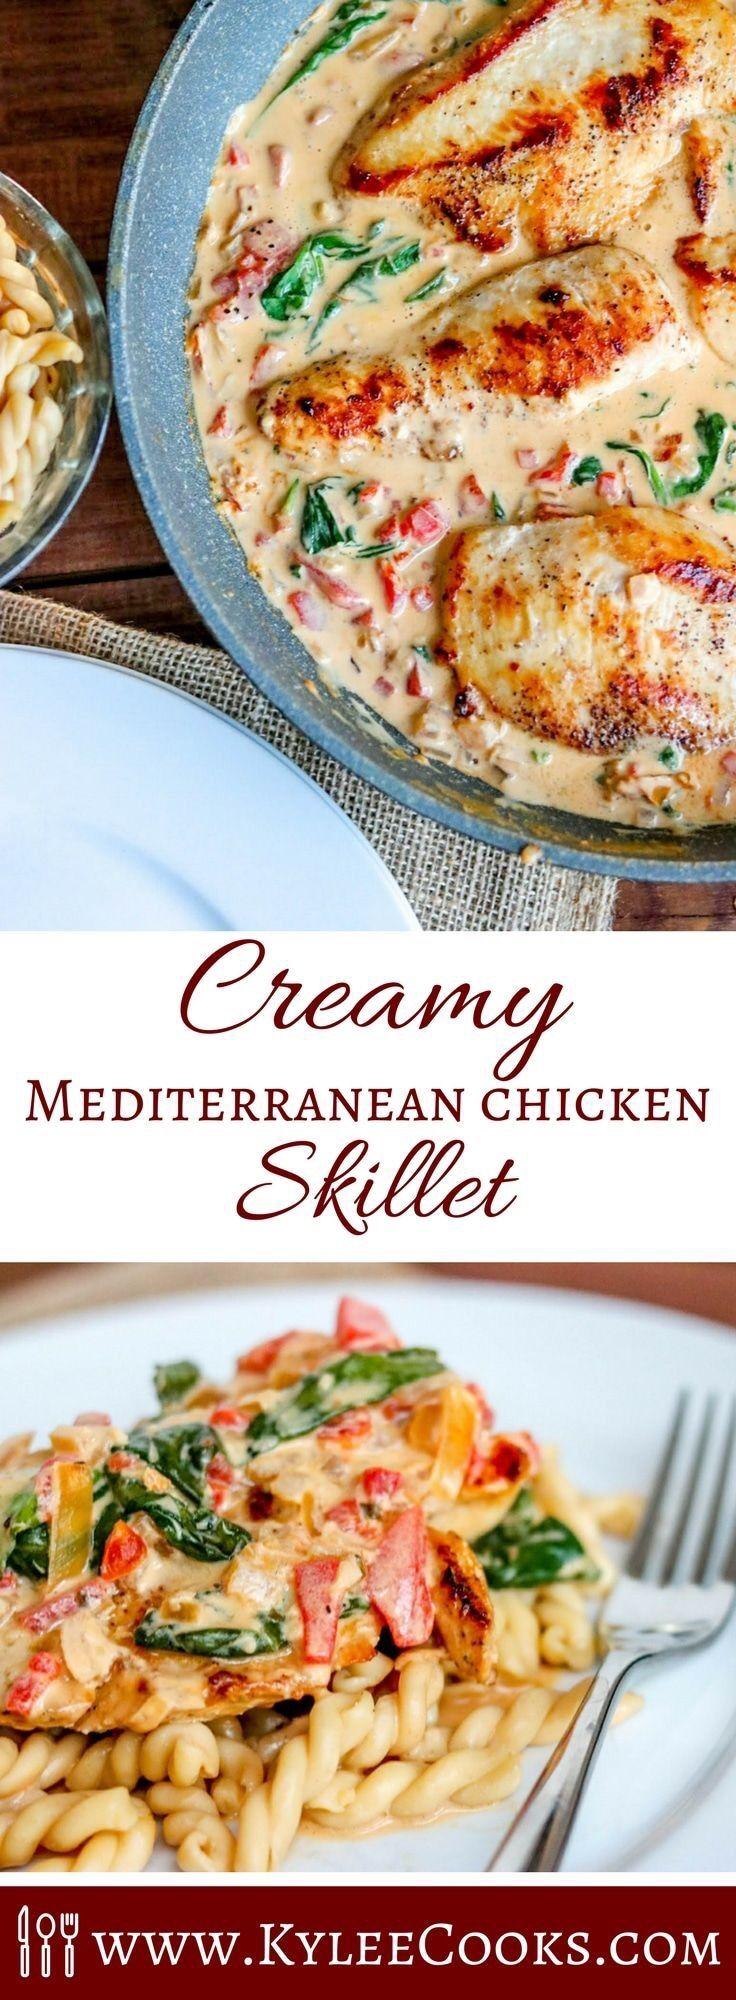 Creamy Mediterranean Chicken Dinner(in a Skillet)